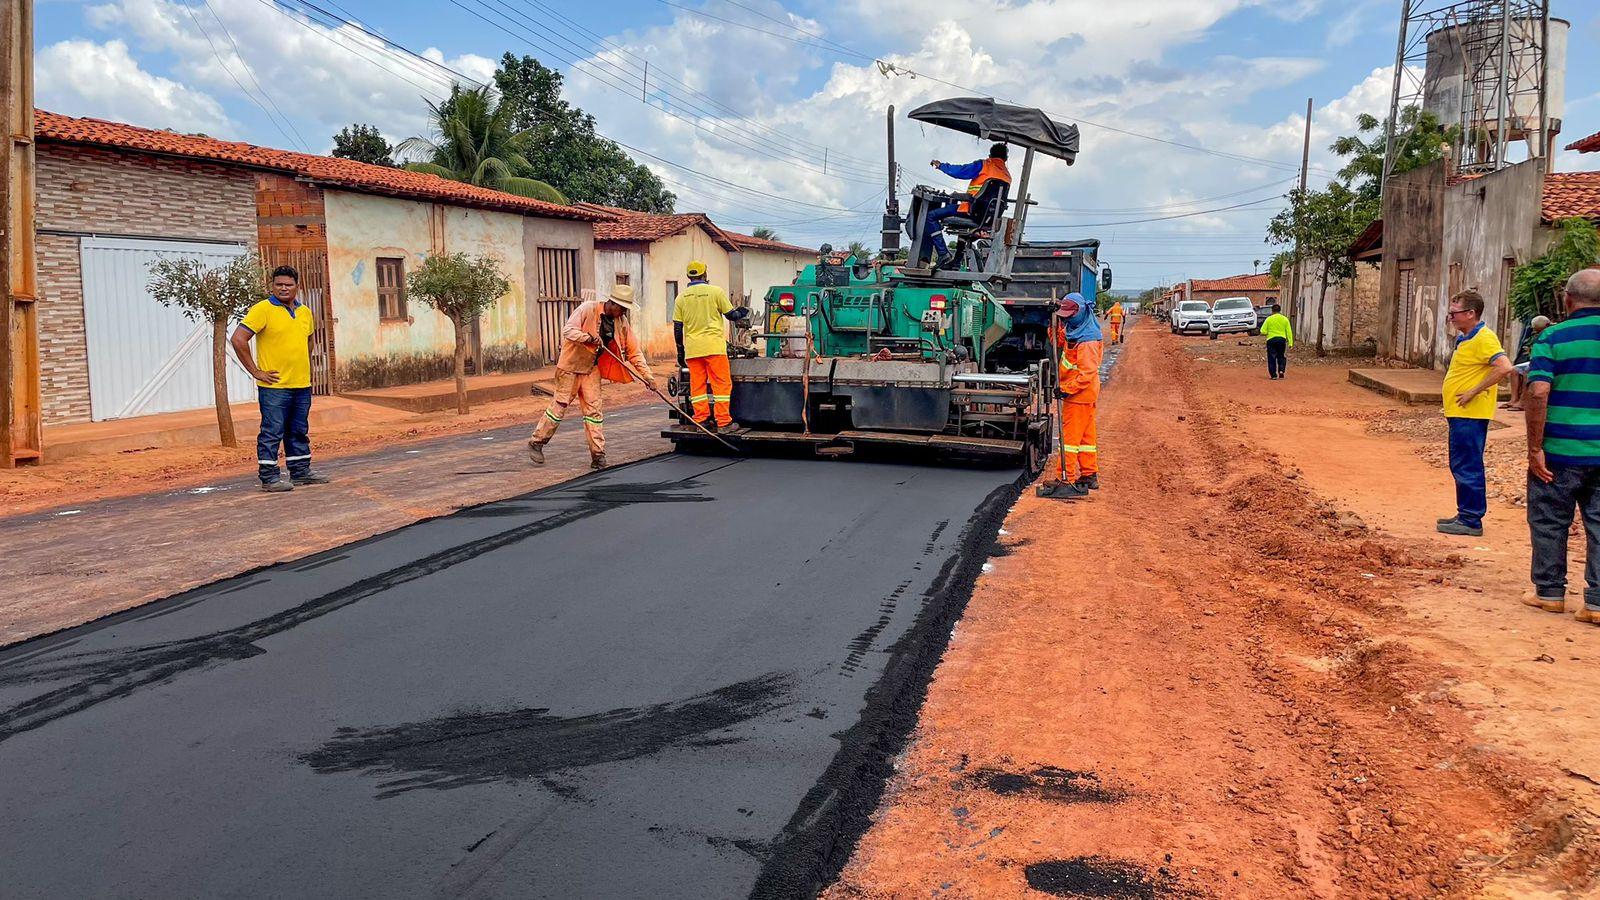 Além da pavimentação, as ruas receberão serviços de implantação de drenagem superficial com meio-fio (Foto: Divulgação)